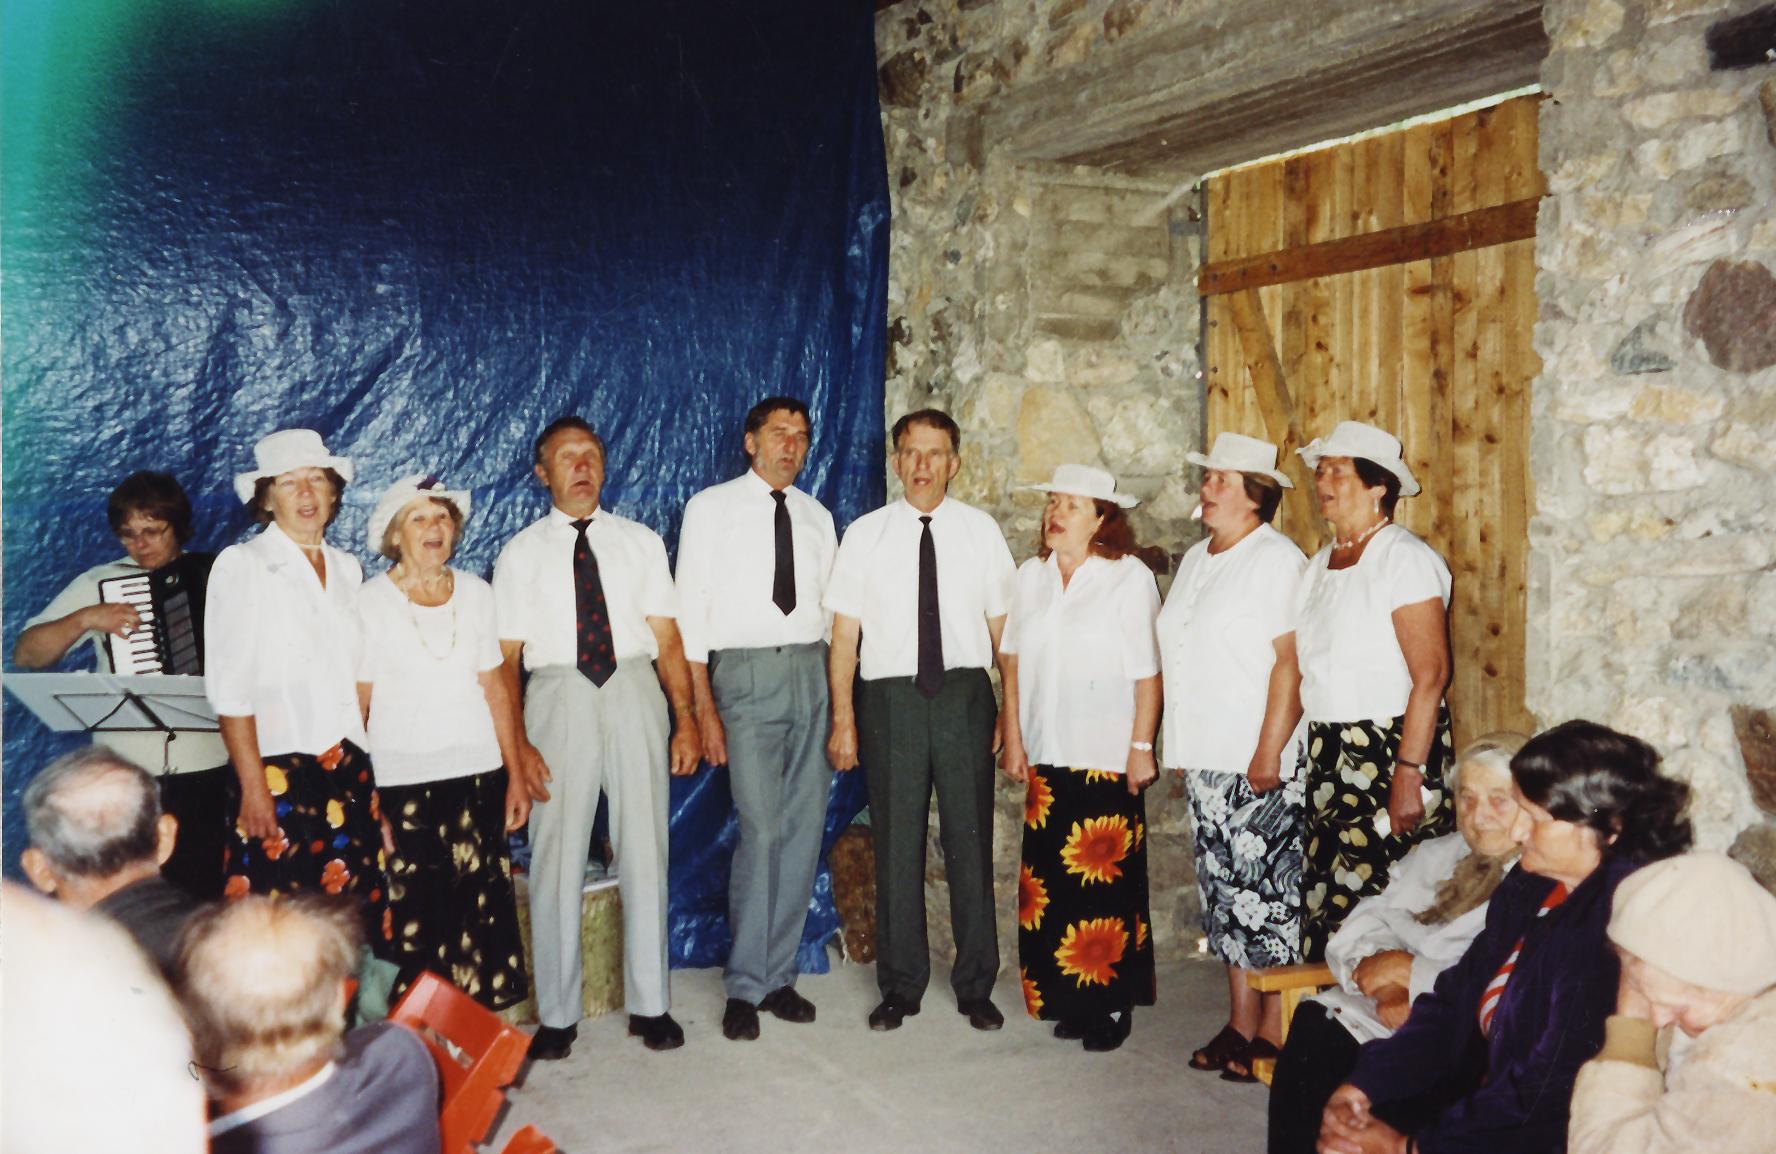 Segaansambel Kõpu küla päevadel 2004.aastal. Foto erakogu.